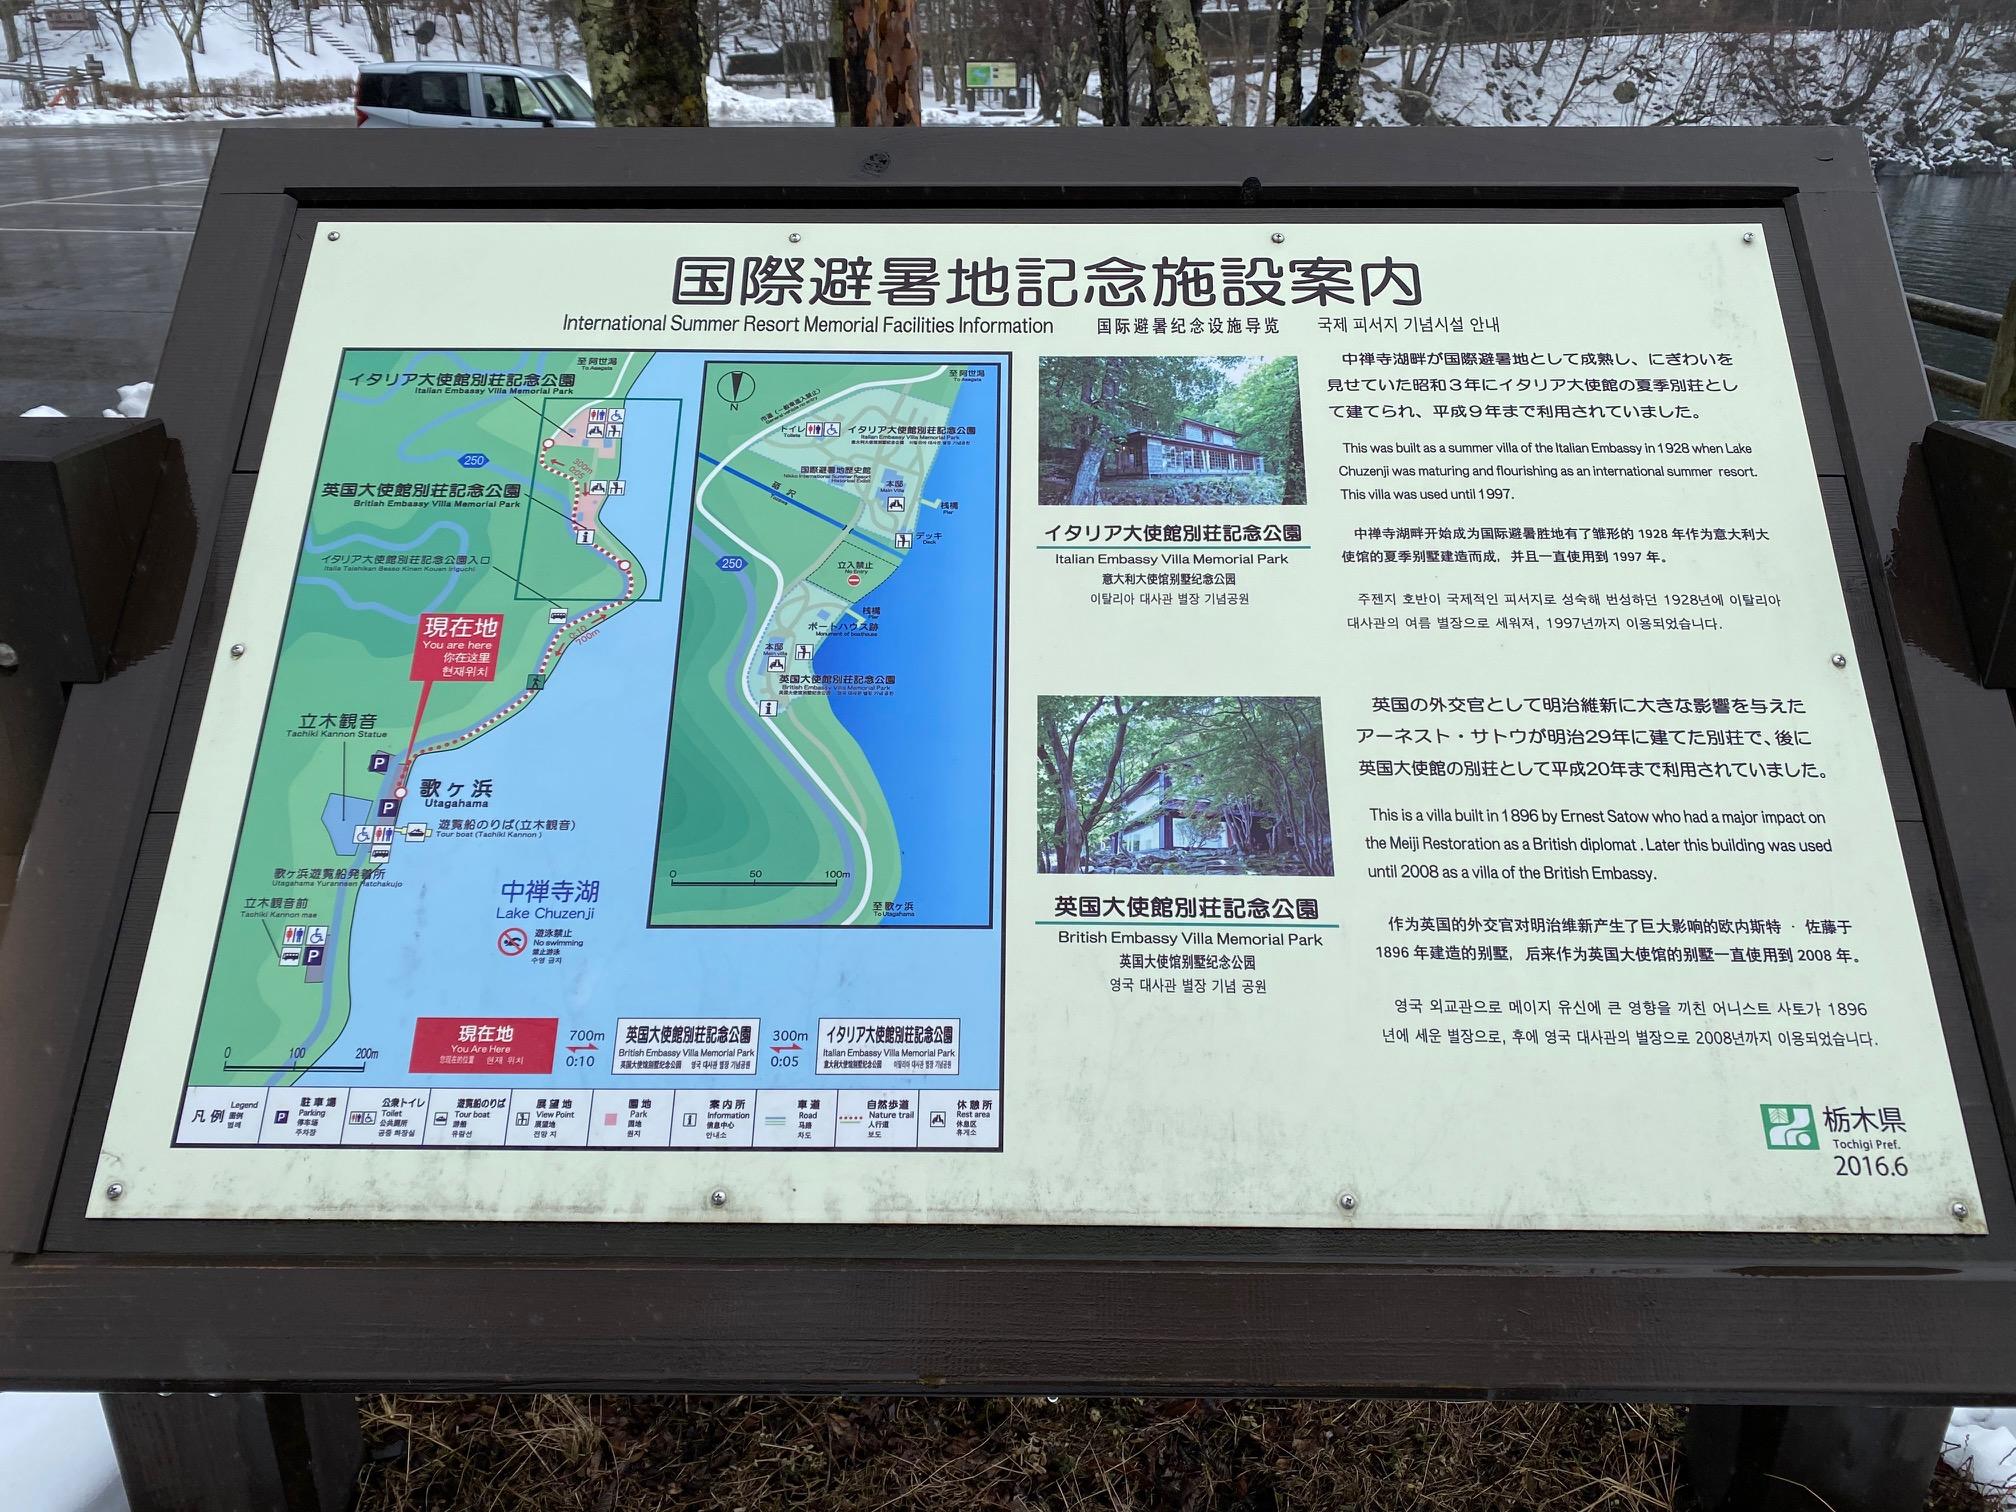 中禅寺湖地図